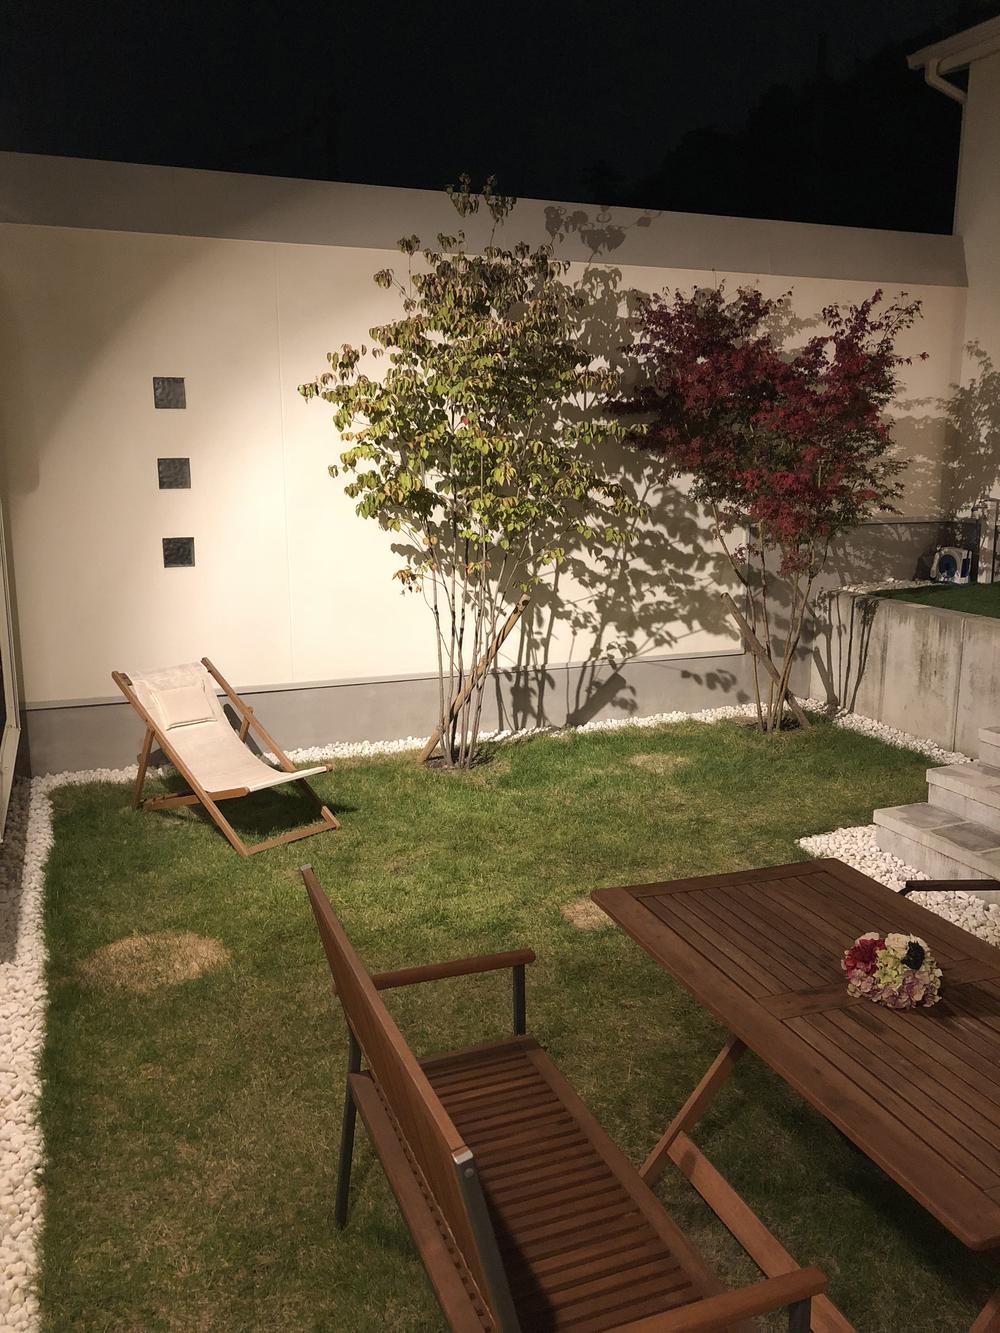 照明のついた夜の中庭